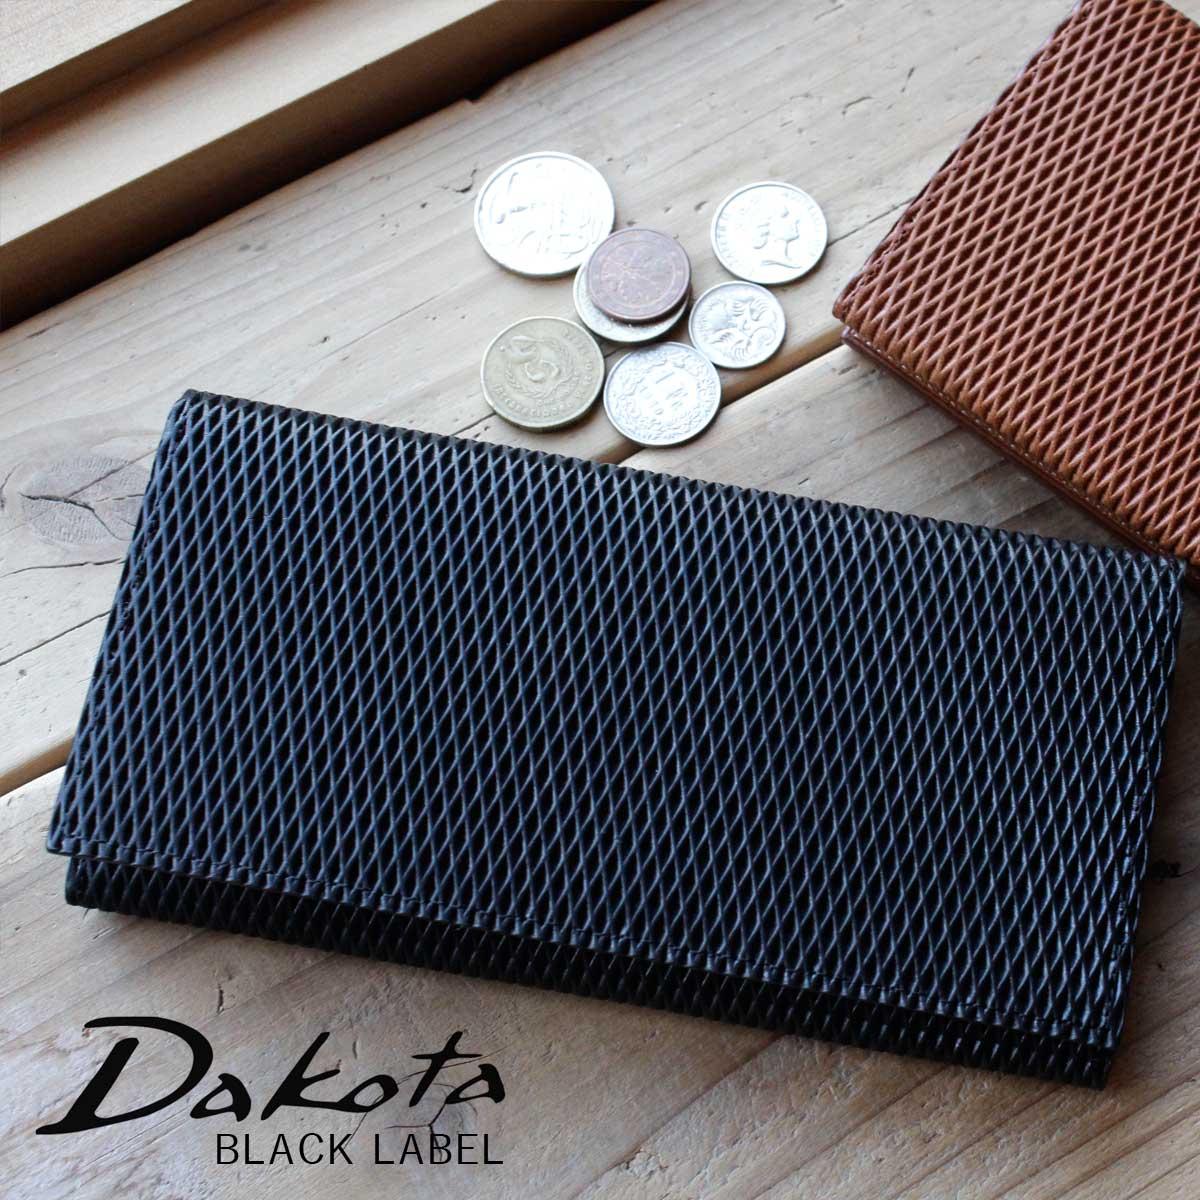 【選べるノベルティ大好評】Dakota BLACK LABEL ダコタブラックレーベル レティコロ 本革 イタリア製牛革 かぶせ長財布 0626102